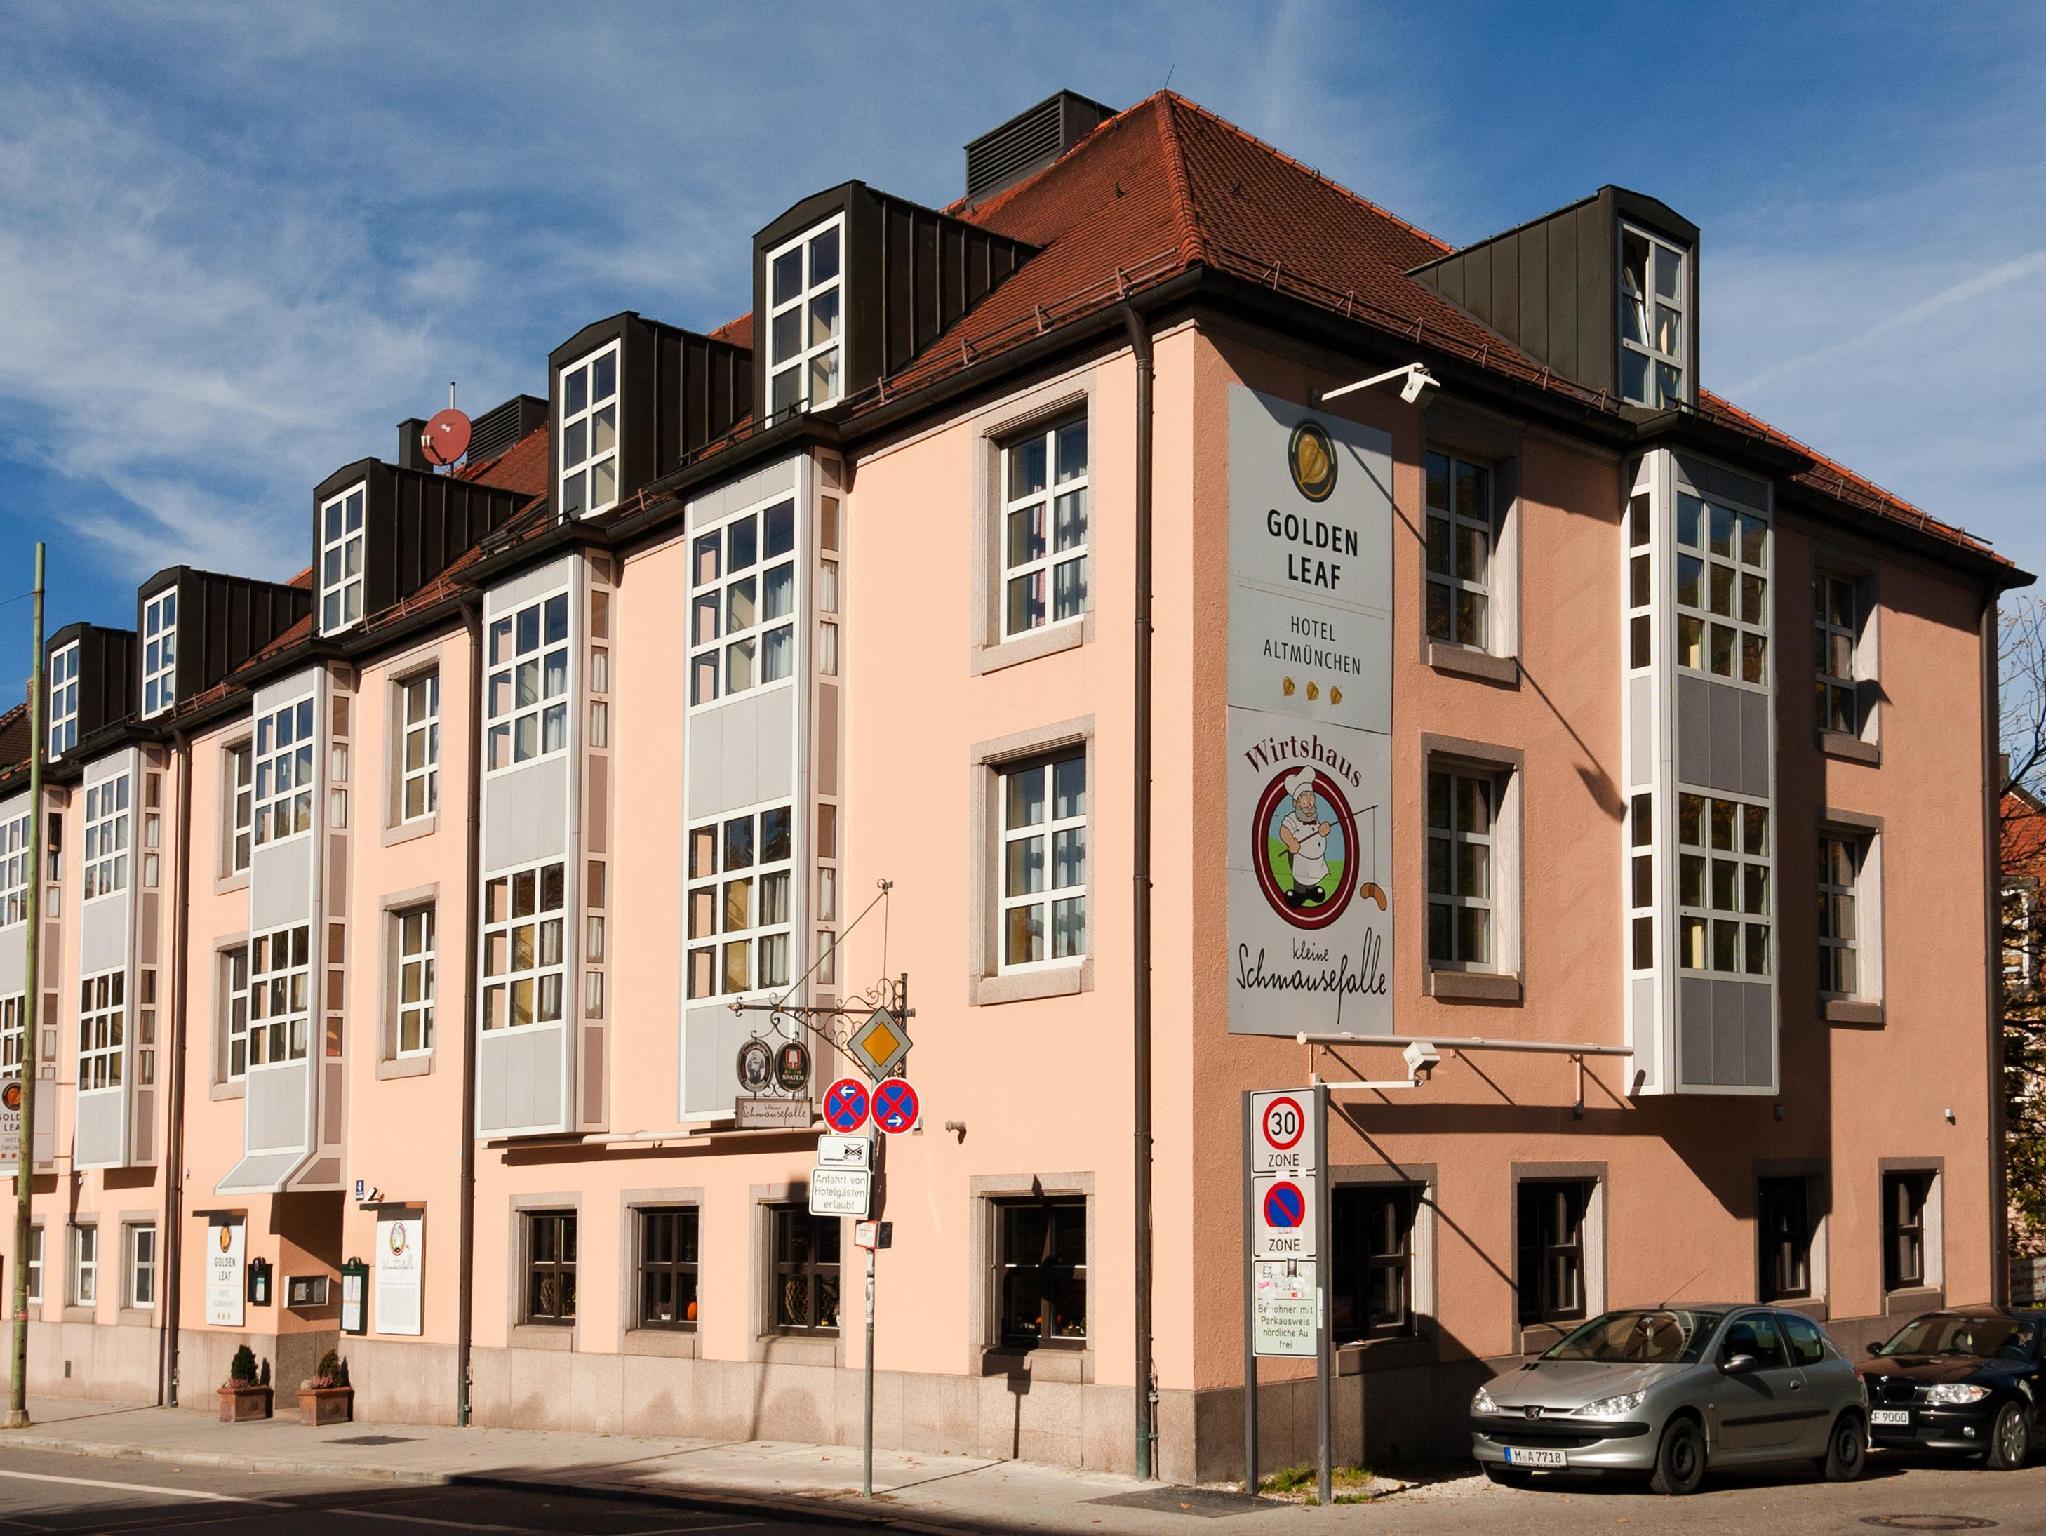 Golden Leaf Hotel Altmunchen - Munich